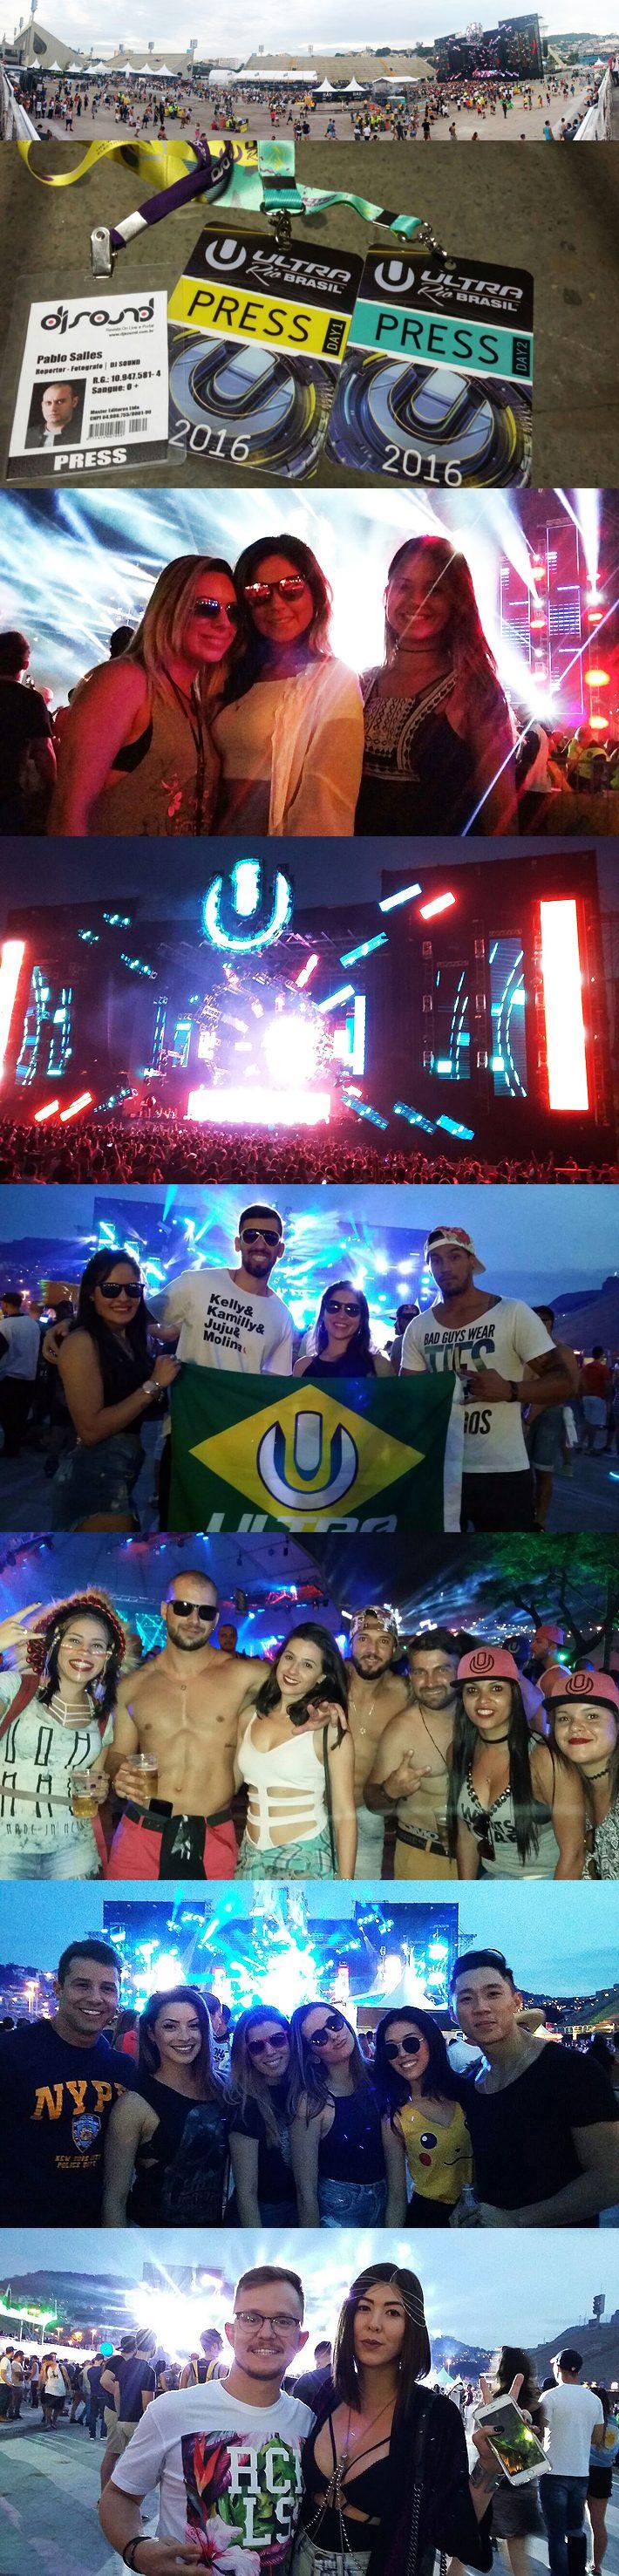 Ultra Brasil Rio 2016 no seu início em 14 out 2016 @ Sambodromo